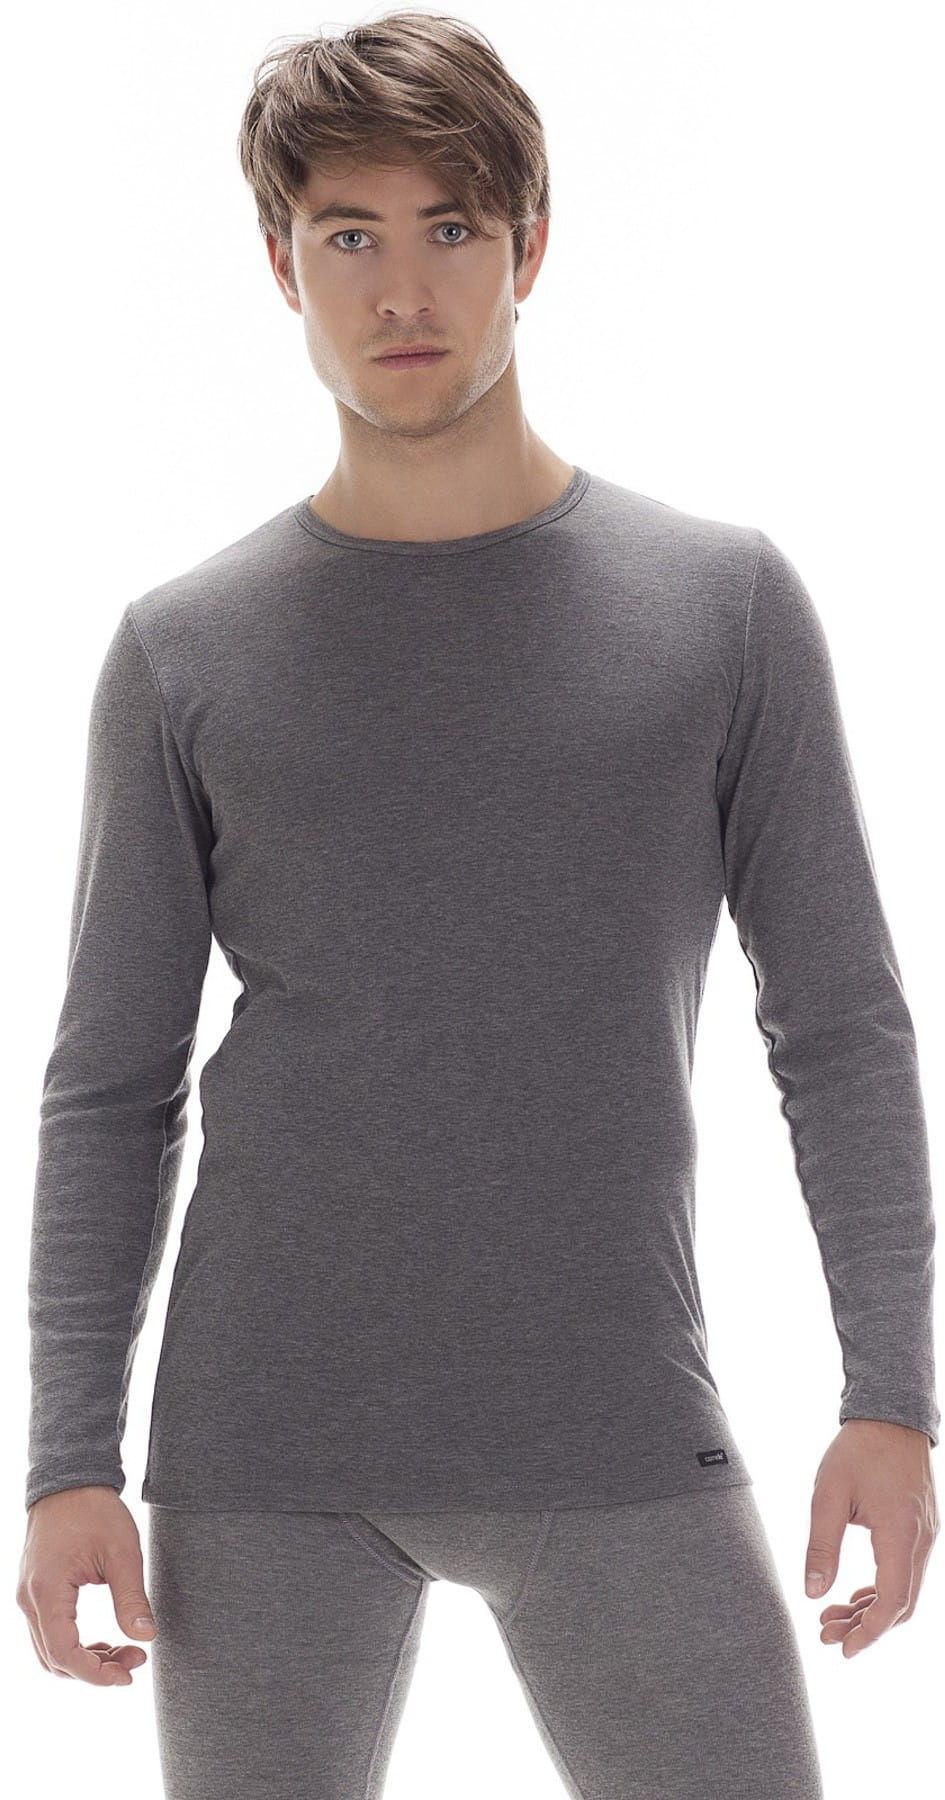 Koszulka męska Cornette Authentic 214 z długim rękawem biały